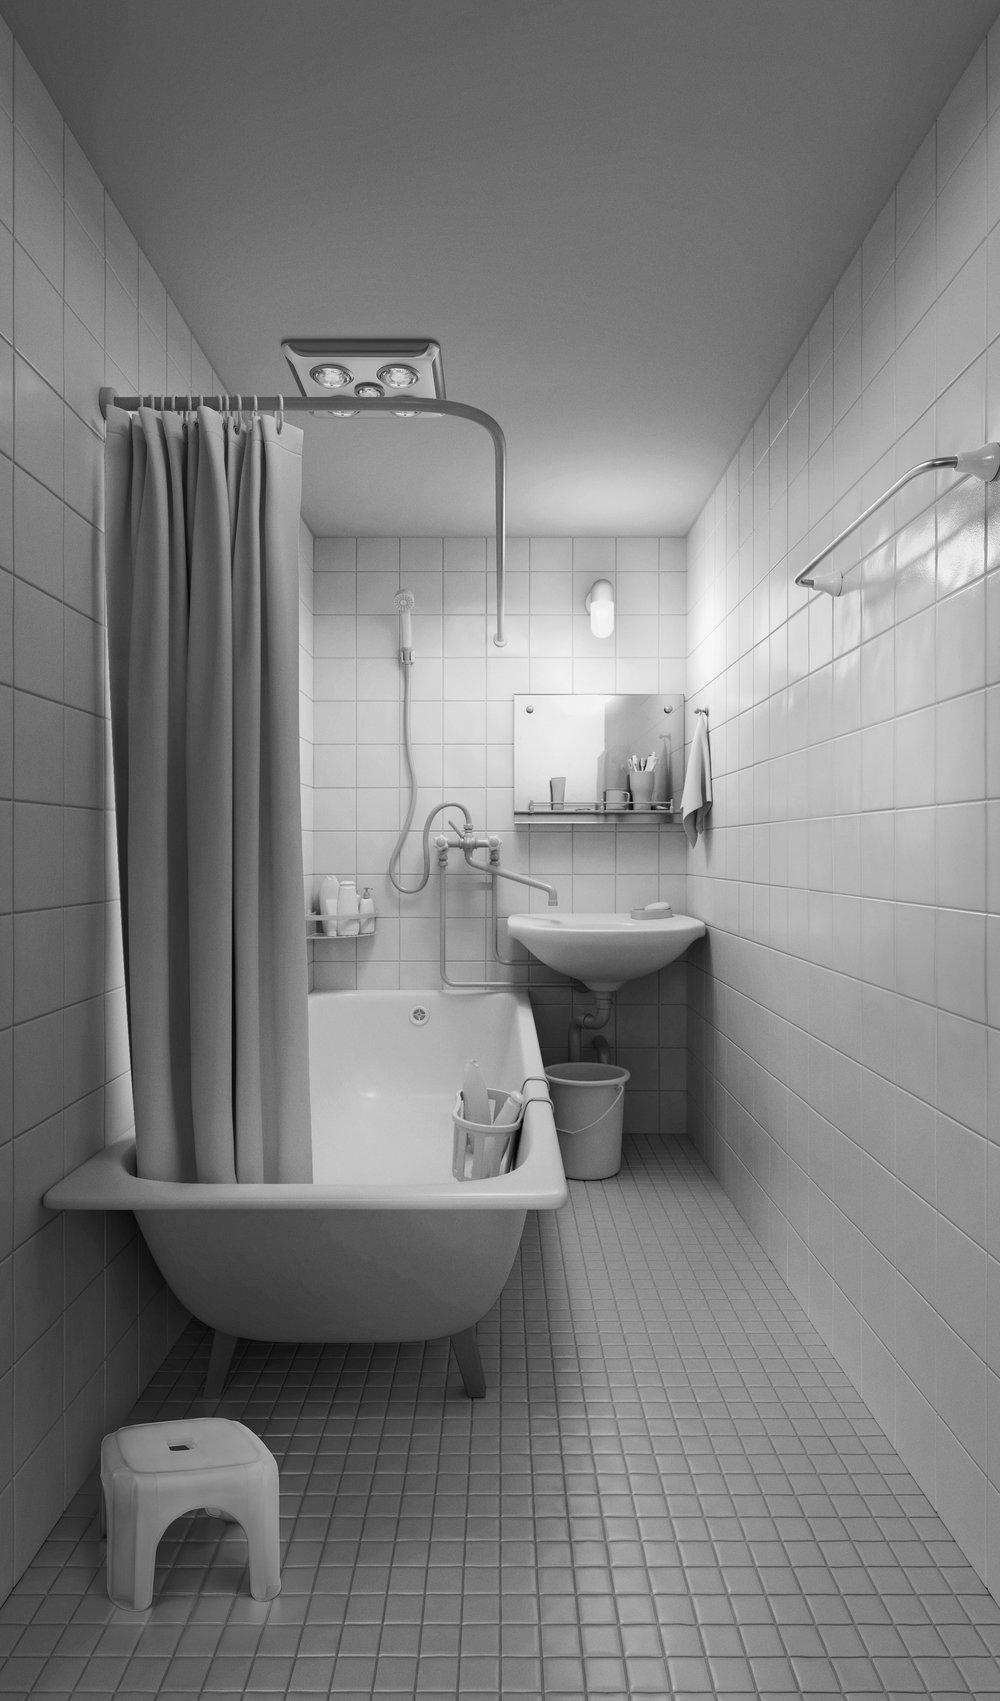 B_Bathroom_Model_Final_RGB.jpg